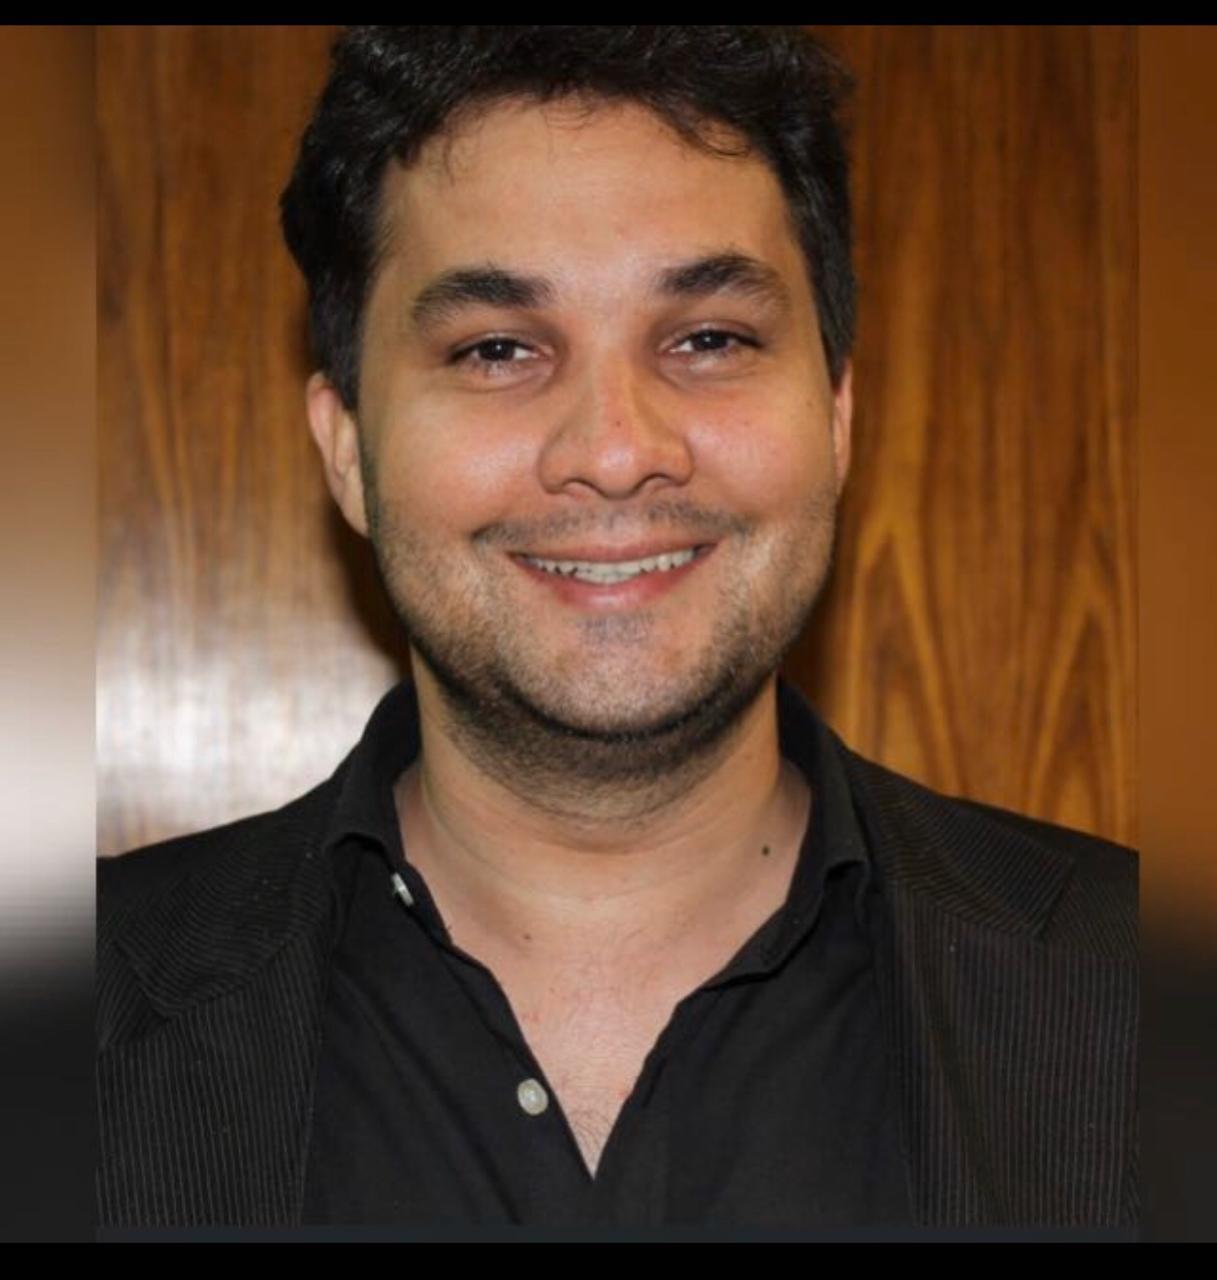 _Jornalista Rômulo Rocha é declarado inocente (Imagem: Divulgação)